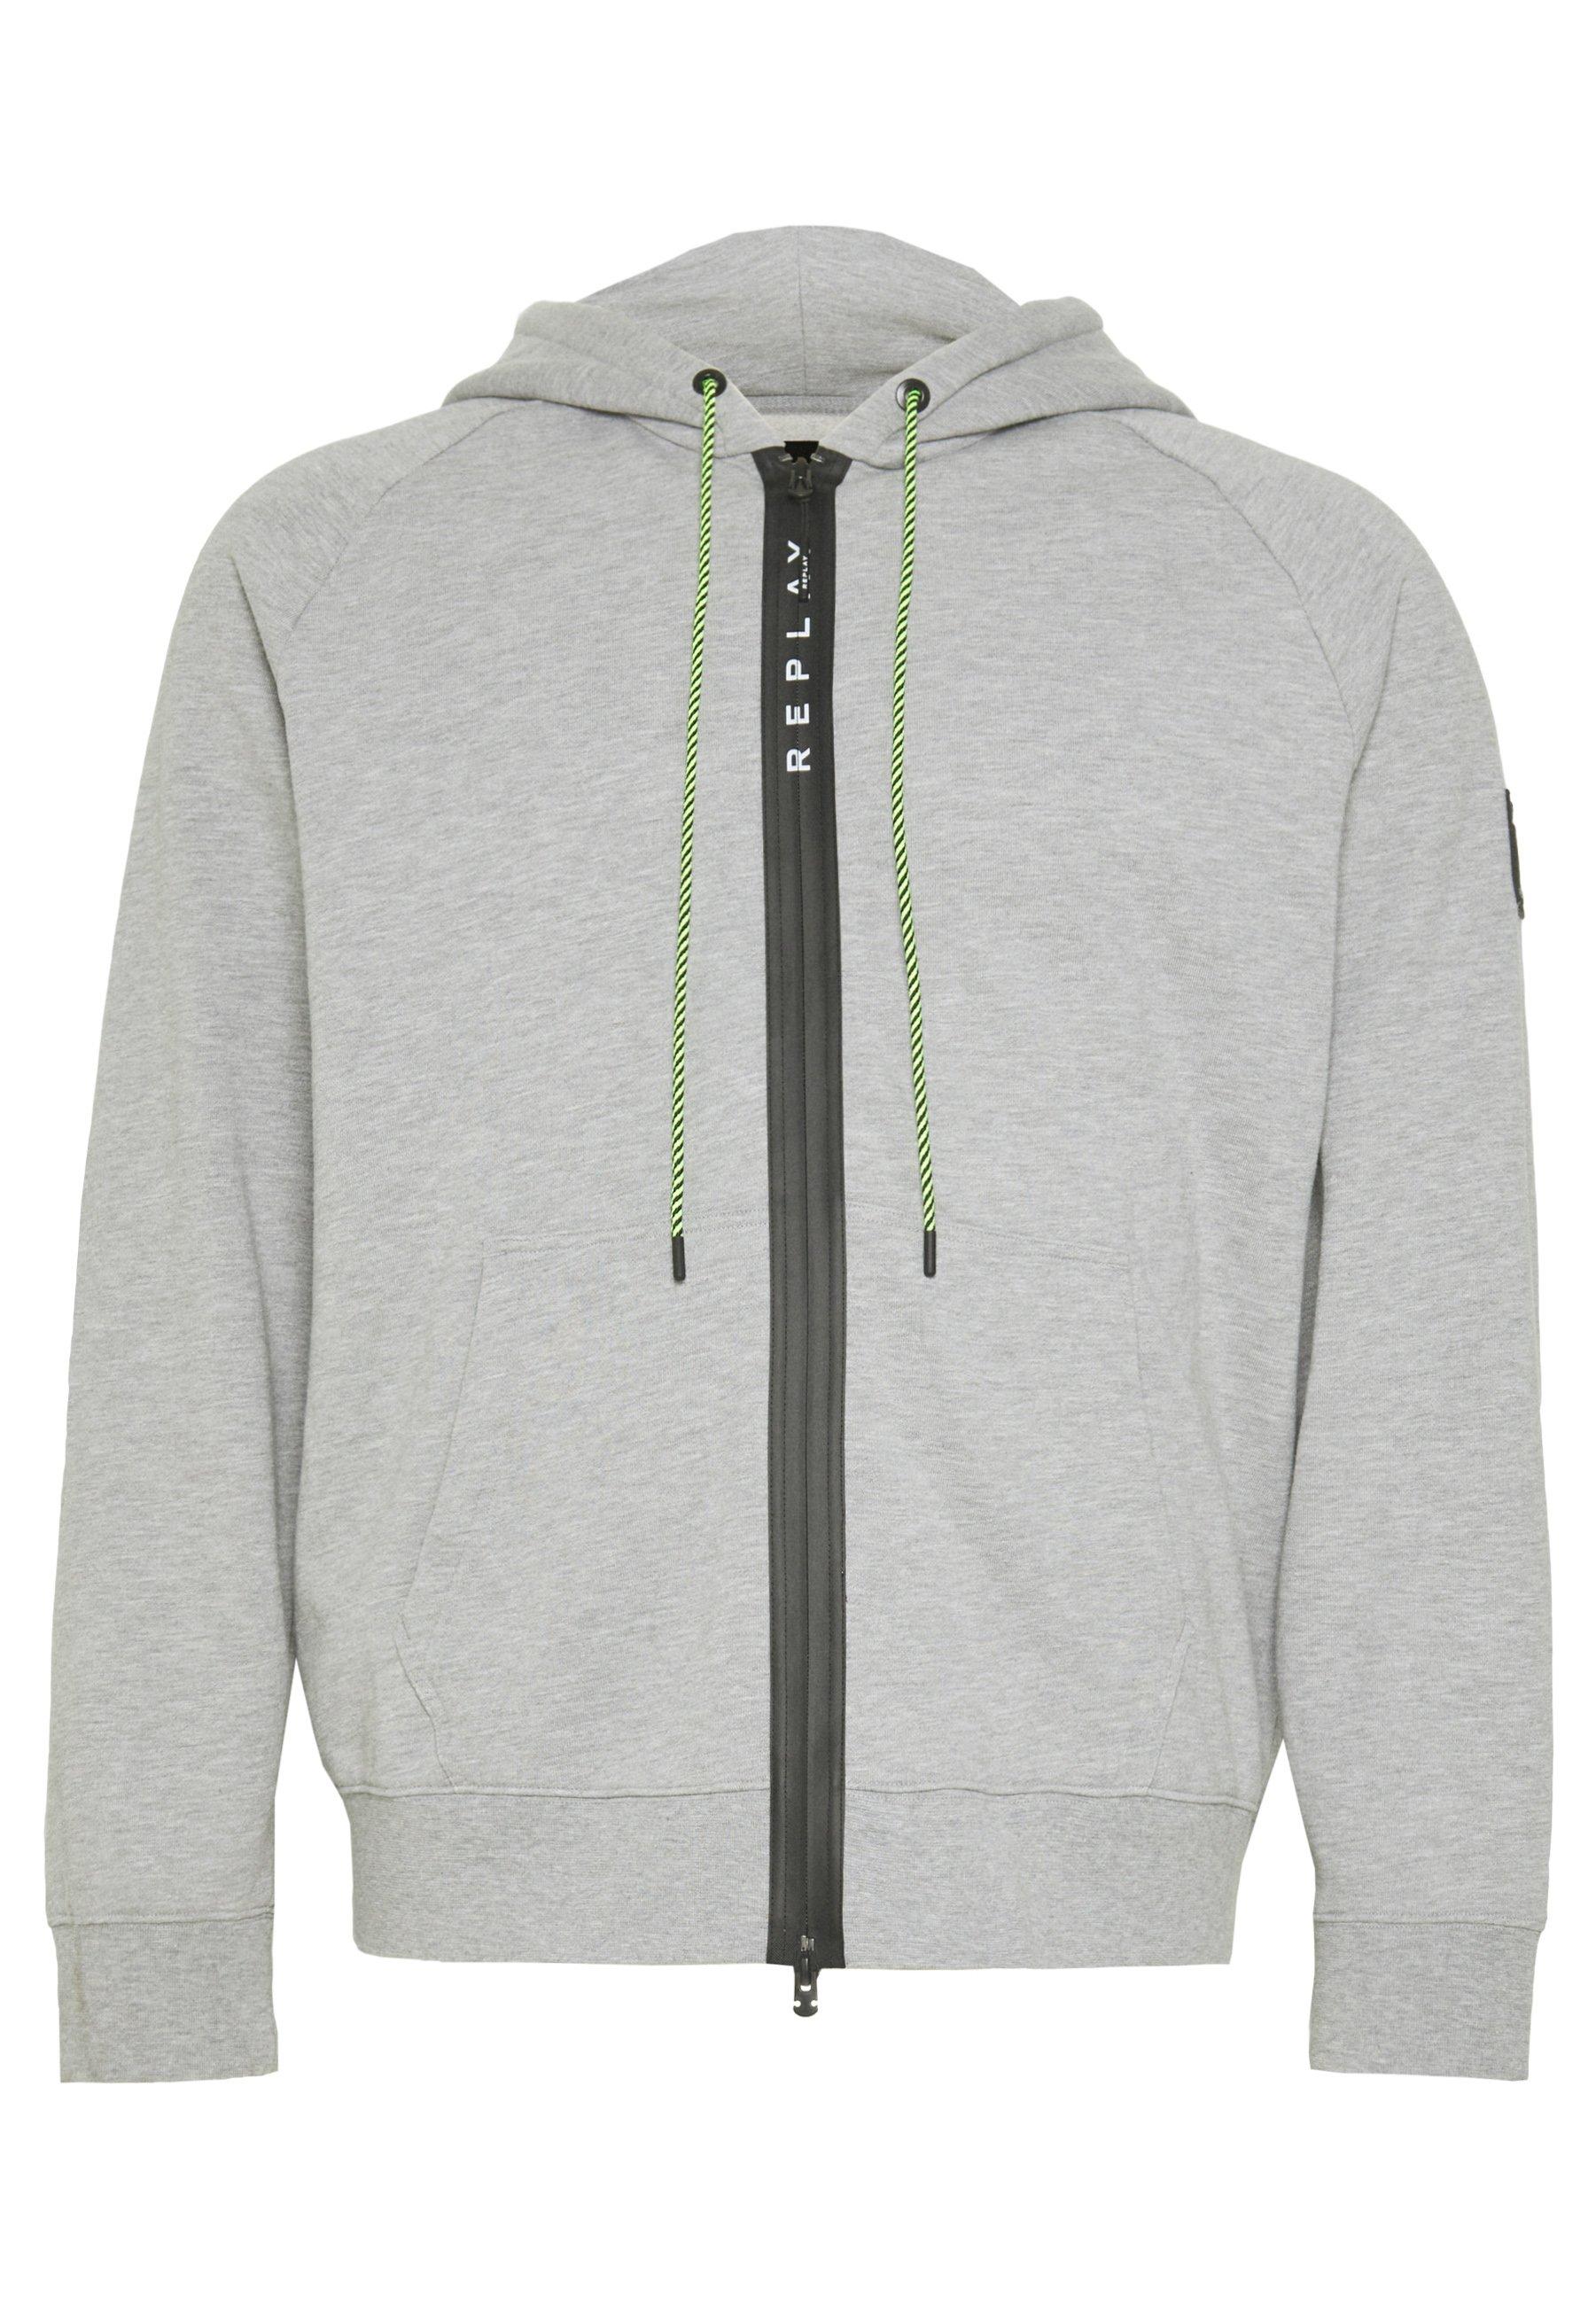 Replay Plus veste en sweat zippée - light grey melange